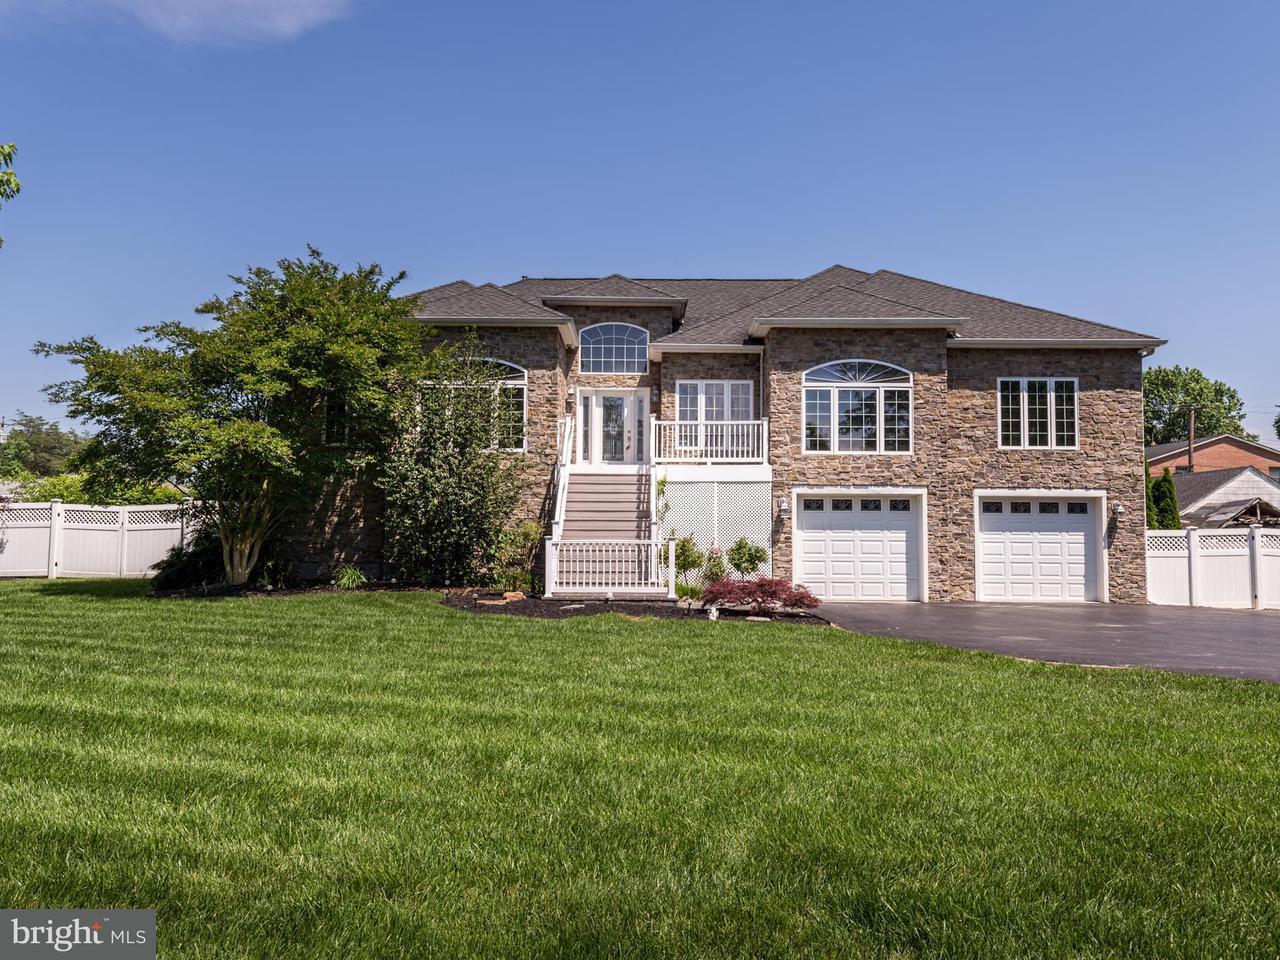 Maison unifamiliale pour l Vente à 3427 EDWARDS Lane 3427 EDWARDS Lane Middle River, Maryland 21220 États-Unis